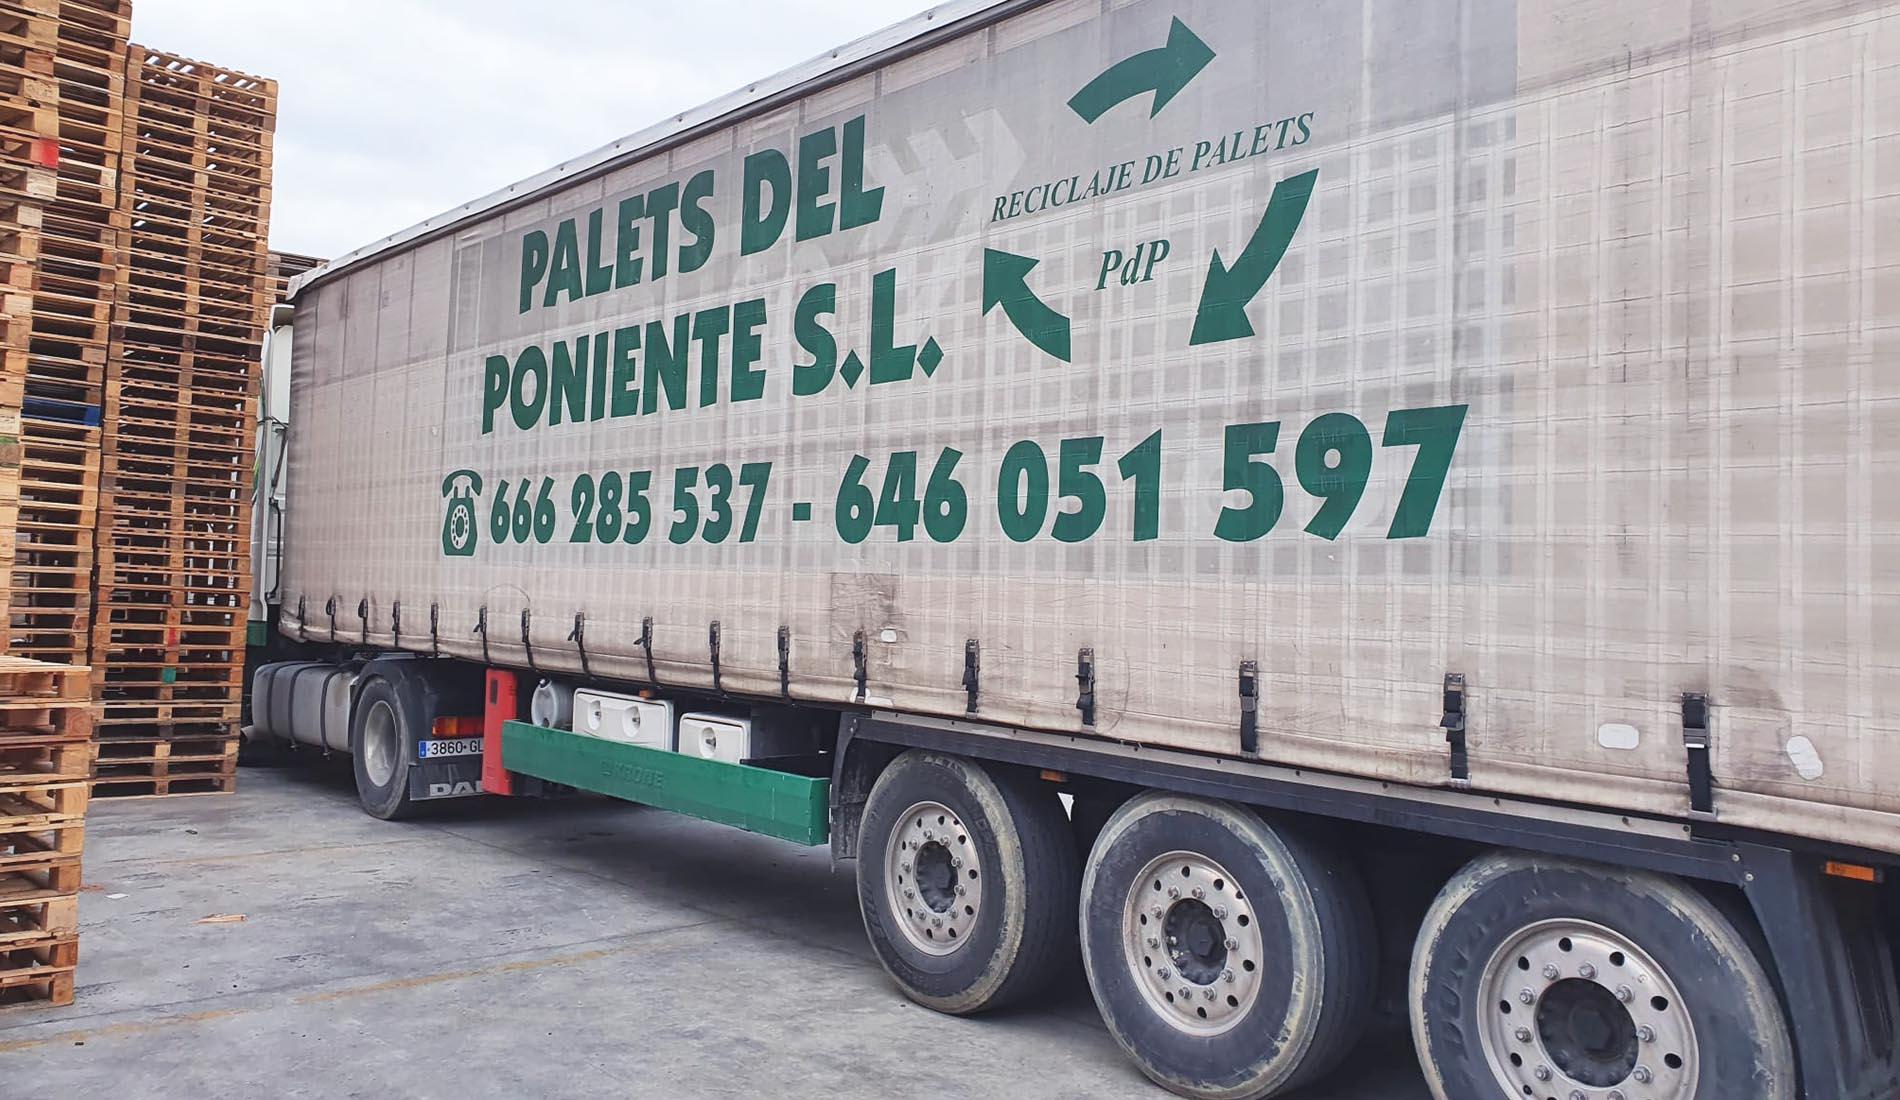 camion palets del poniente